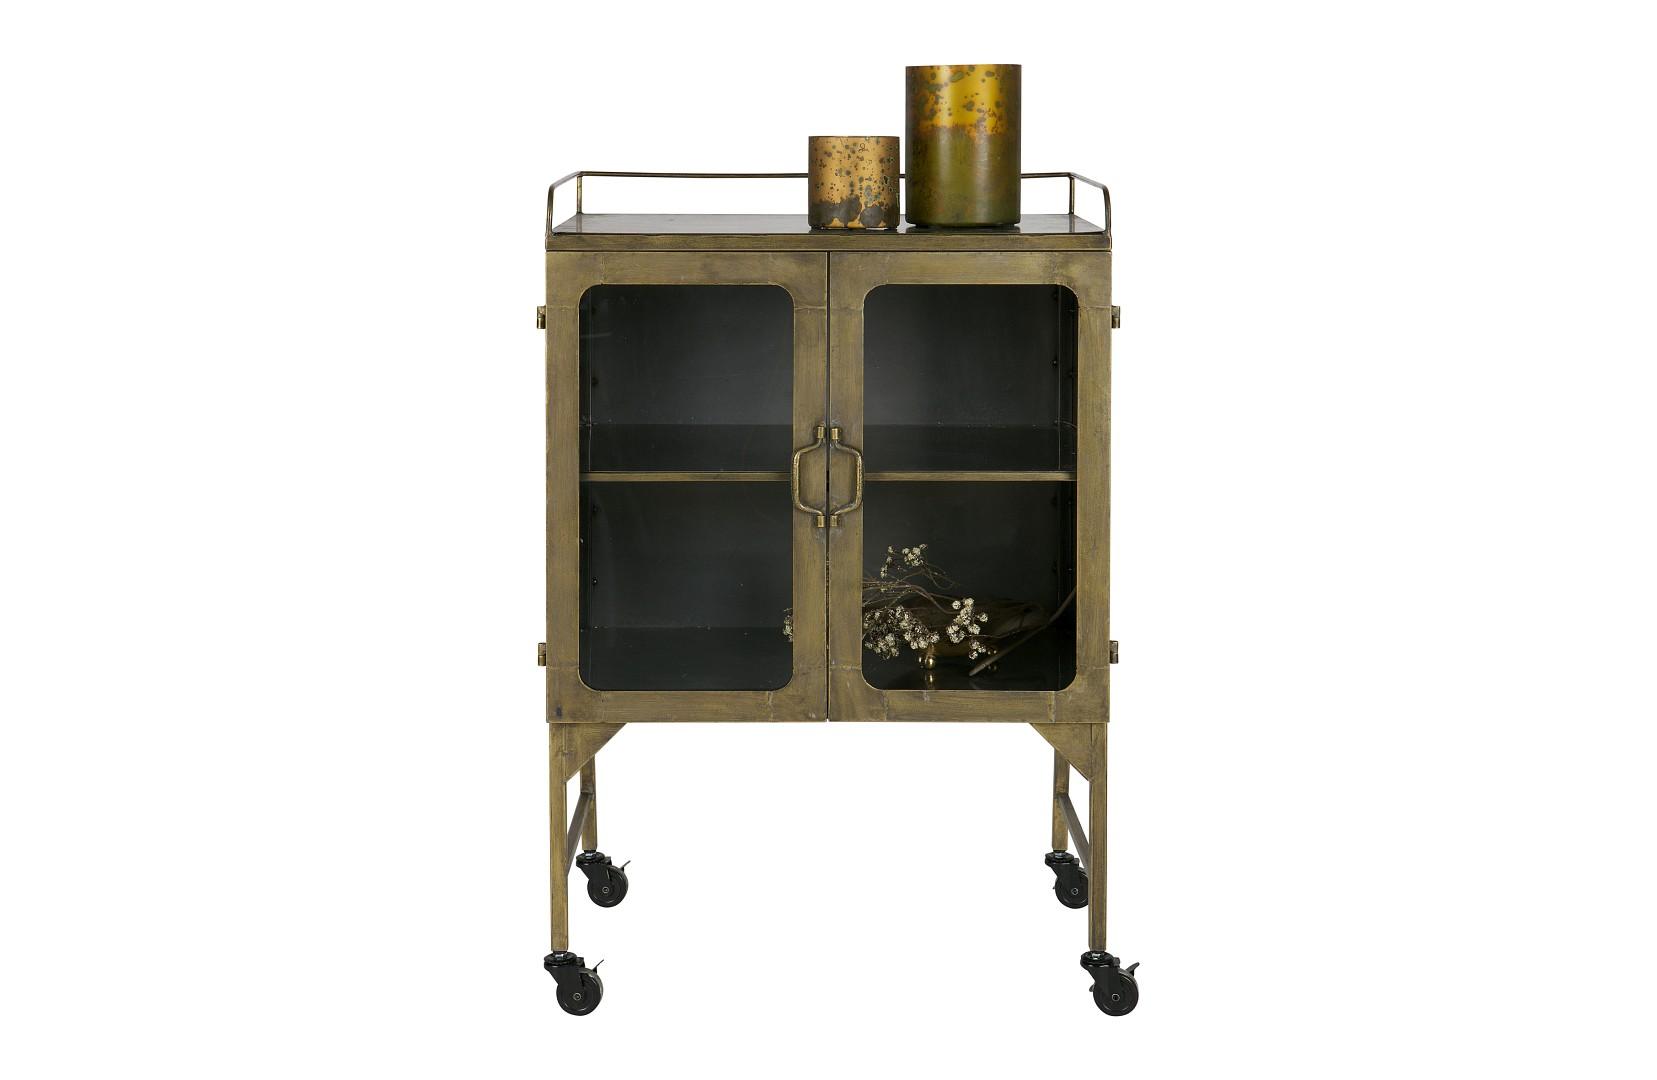 vintage vitrine kommode talent brass messing auf rollen m bel regale vintagehaus. Black Bedroom Furniture Sets. Home Design Ideas